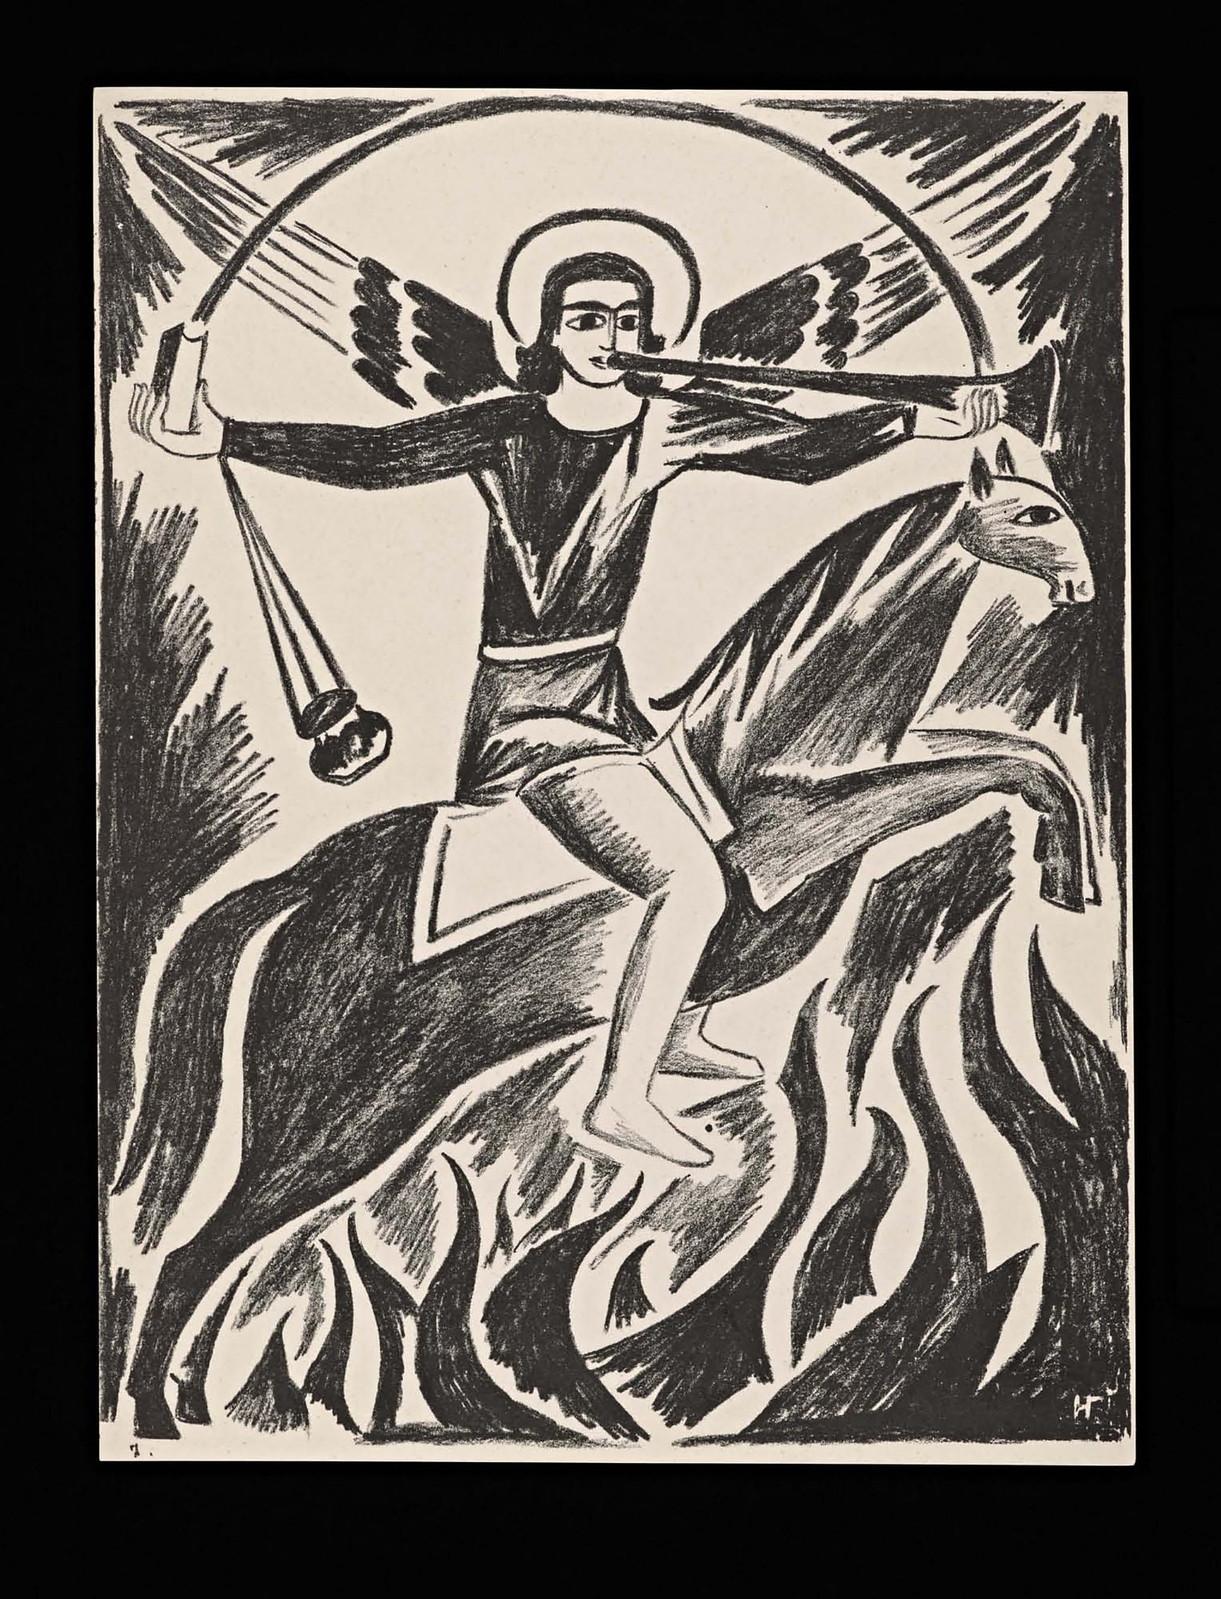 1914. Мистические образы войны 14 литографий-12